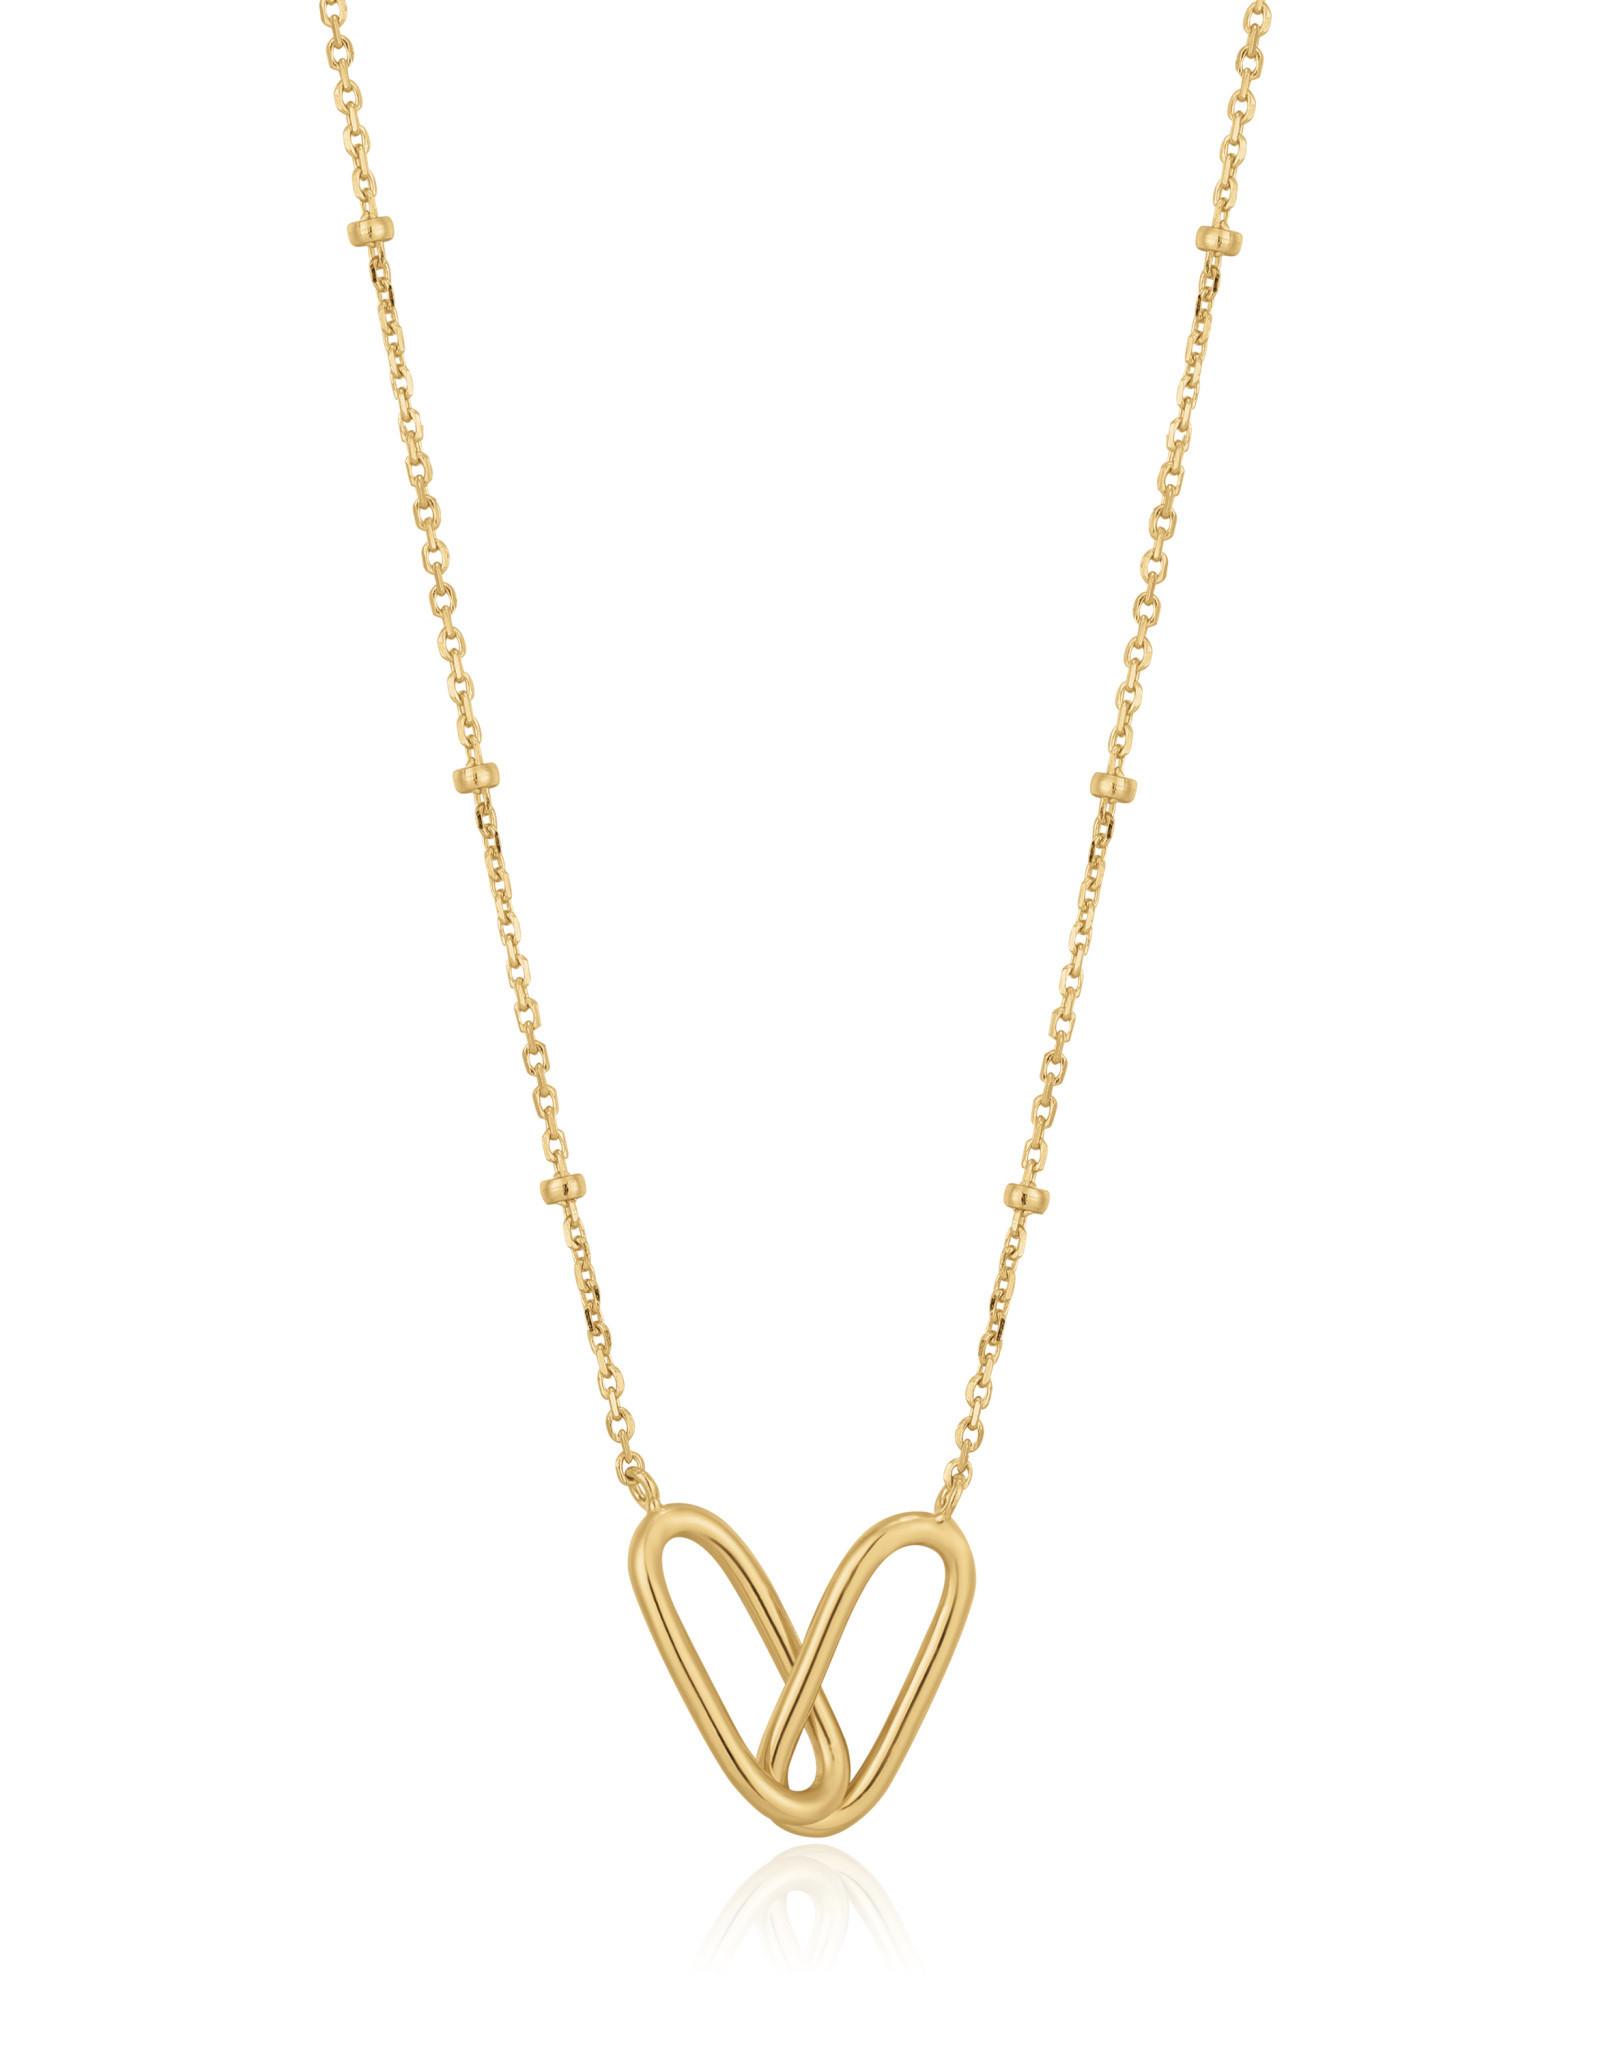 Ania Haie Ania Haie - Beaded chain link necklace